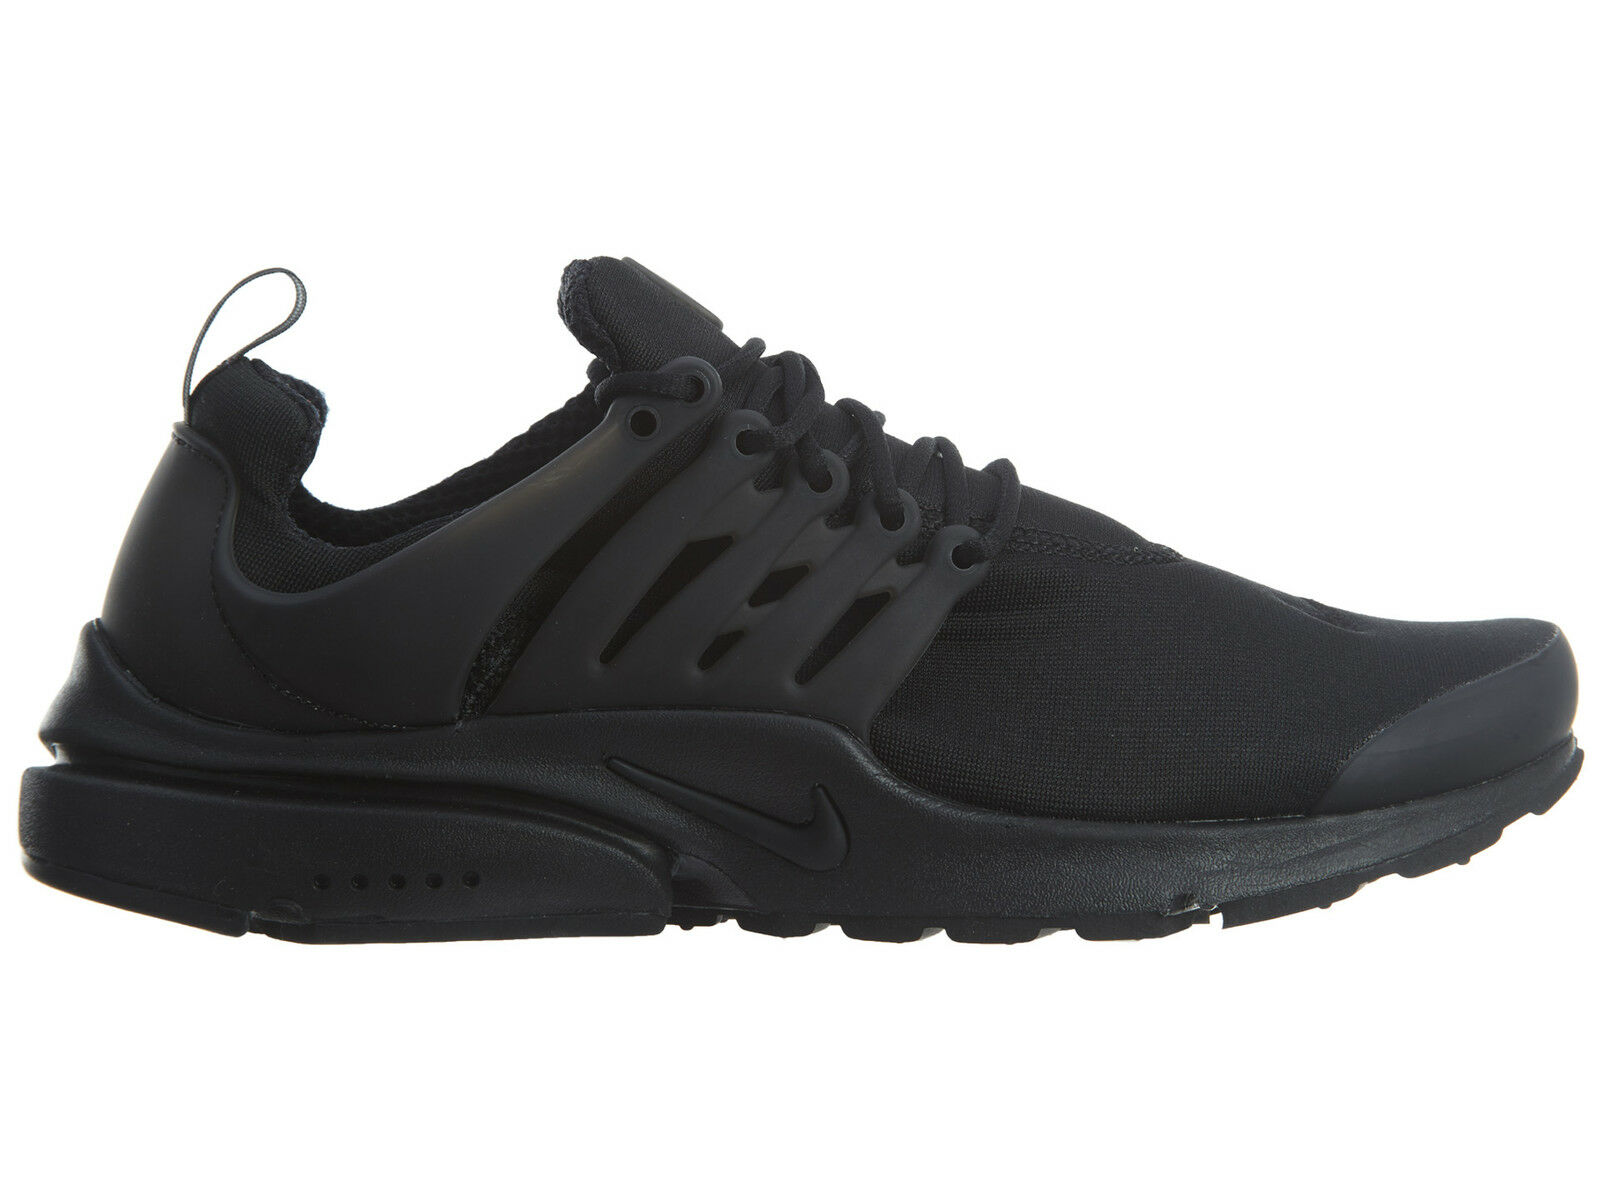 Nike air presto indispensabile Uomo 848187-011 delle scarpe da corsa numero 13 nero